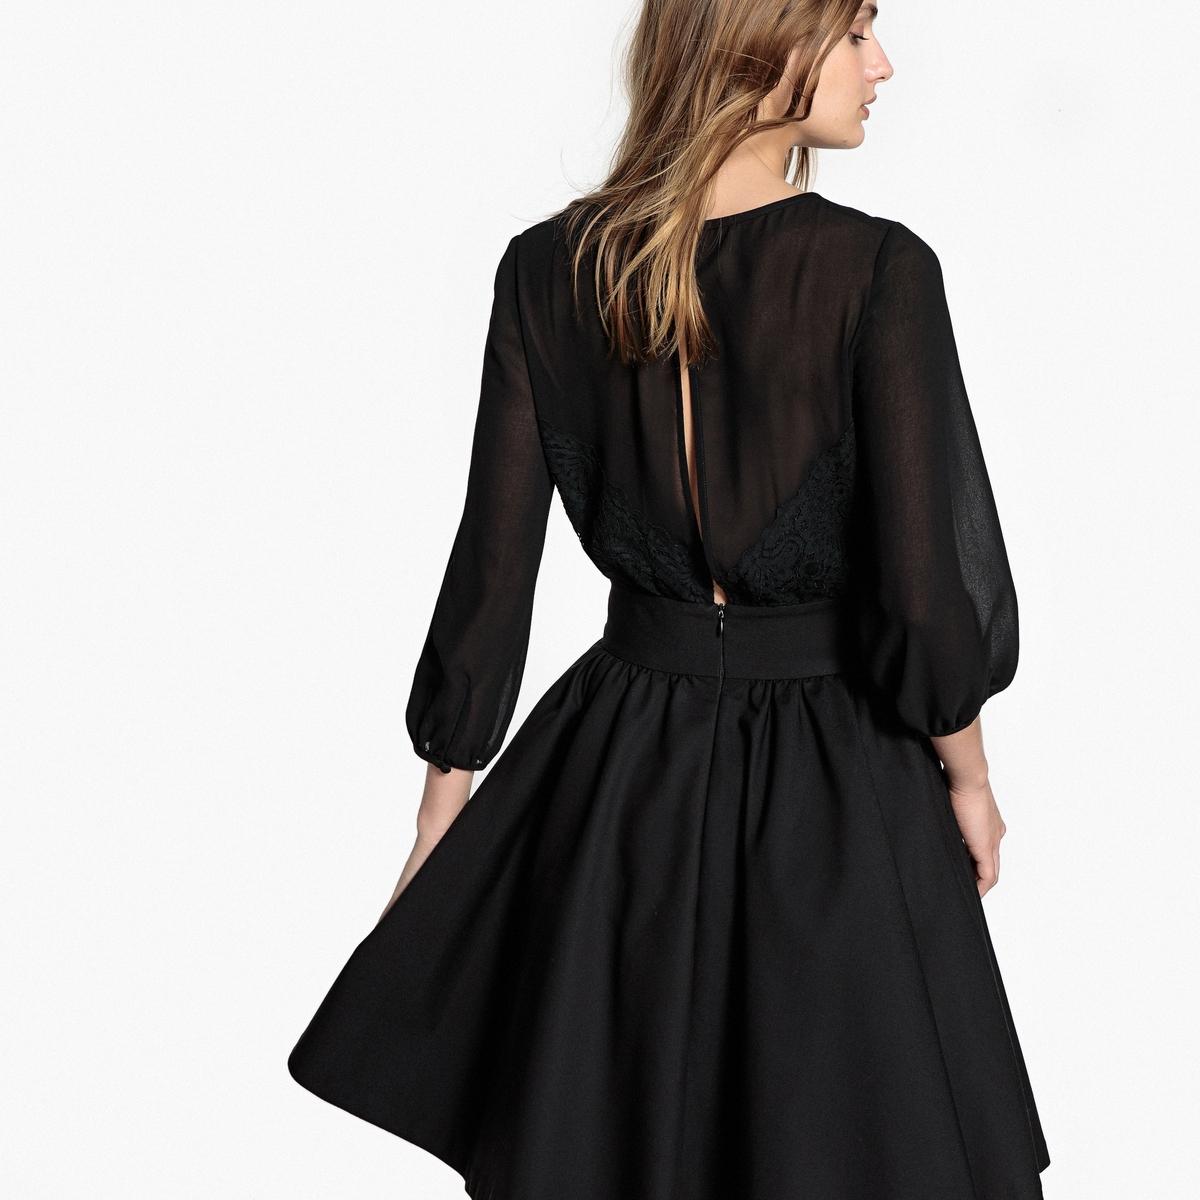 Vestido evasé, detalhe bonito atrás, renda e transparência